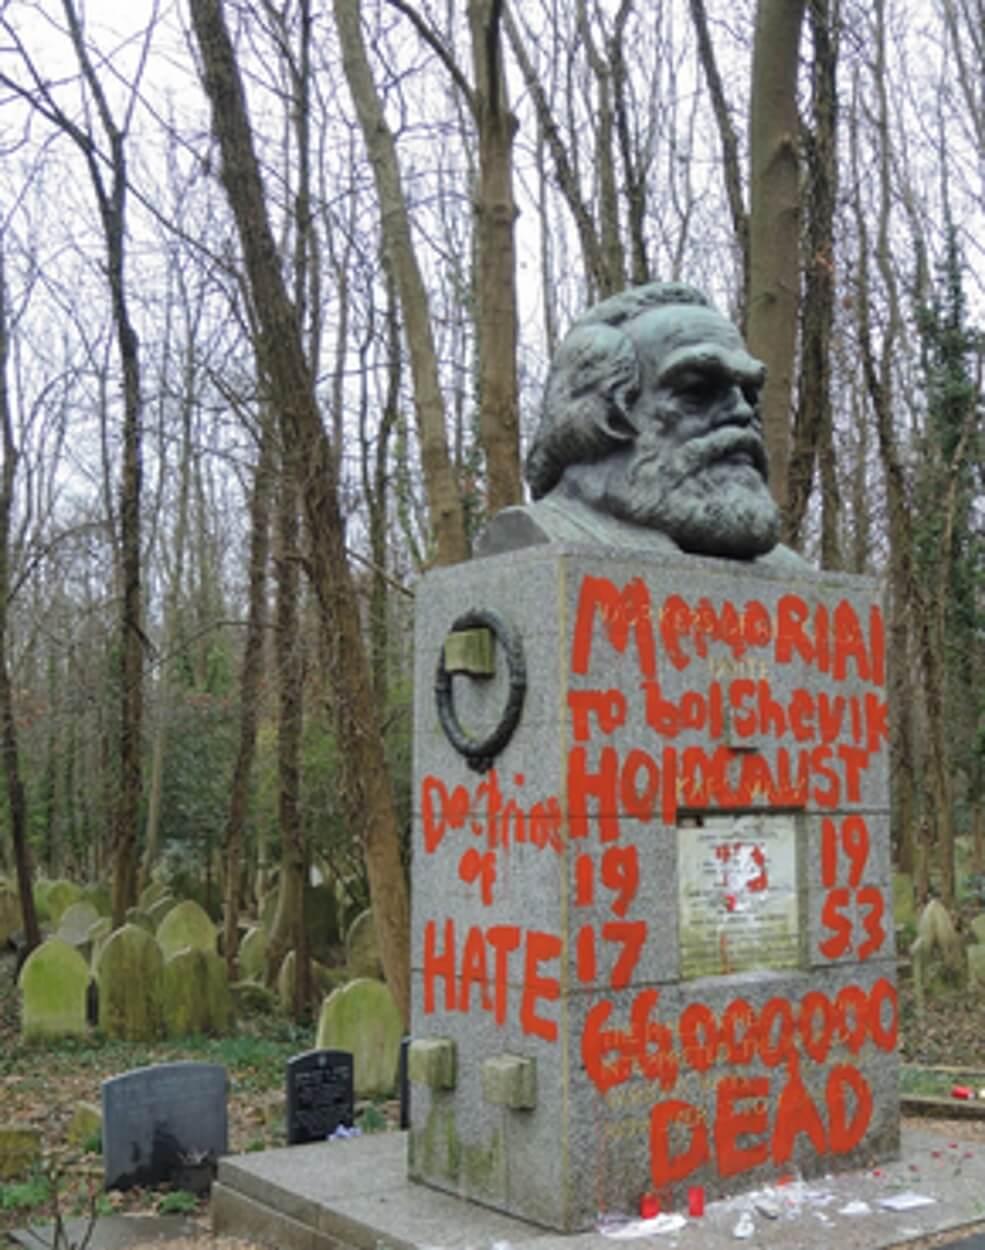 Συνθήματα με κόκκινη μπογιά στον τάφο του Μαρξ, λίγες μέρες μετά την επίθεση με σφυρί!